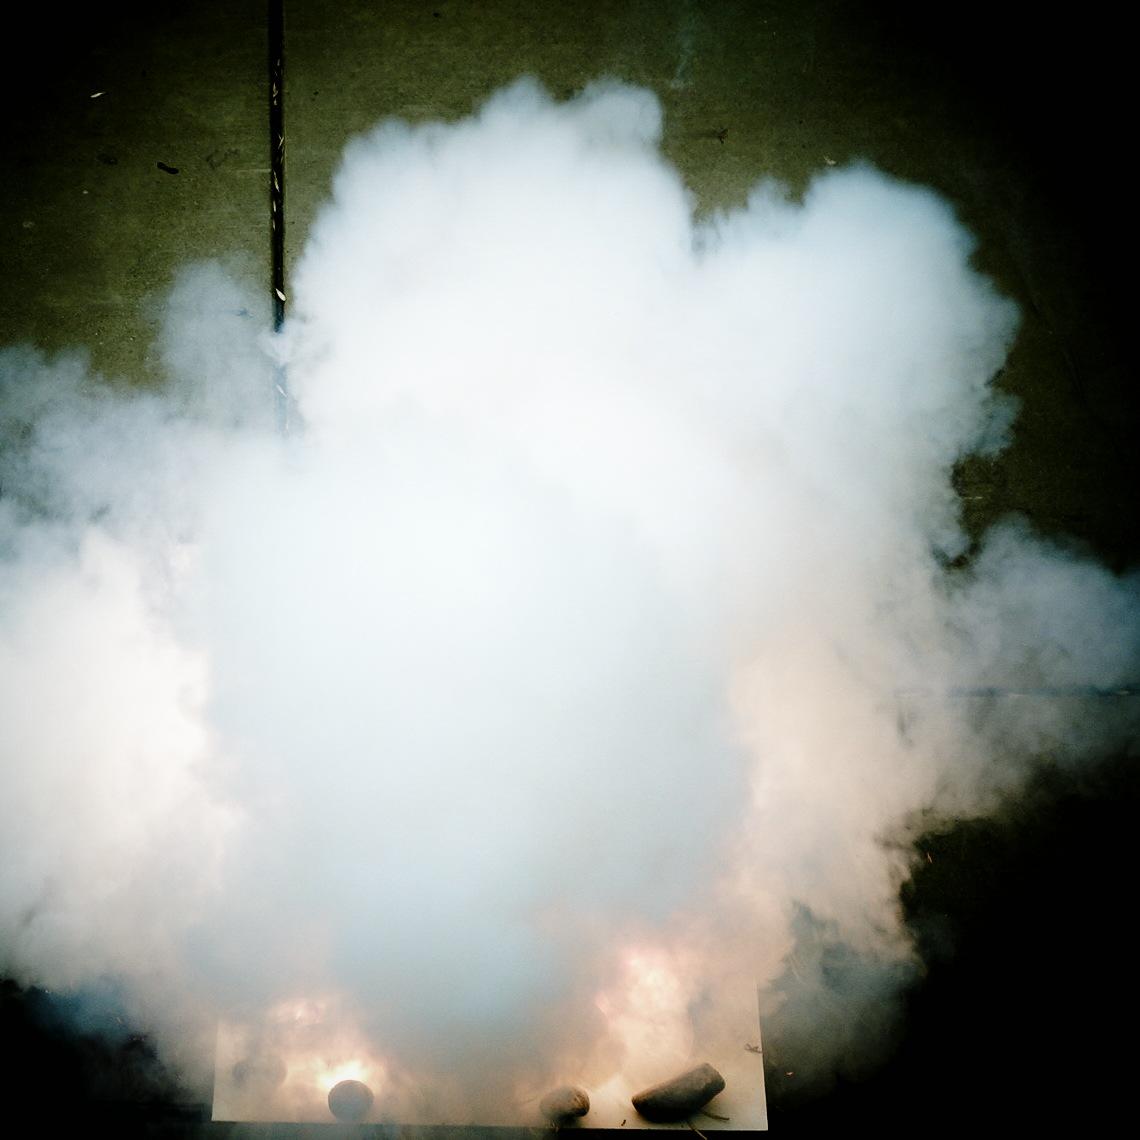 ILIWYABF Explosion.jpg